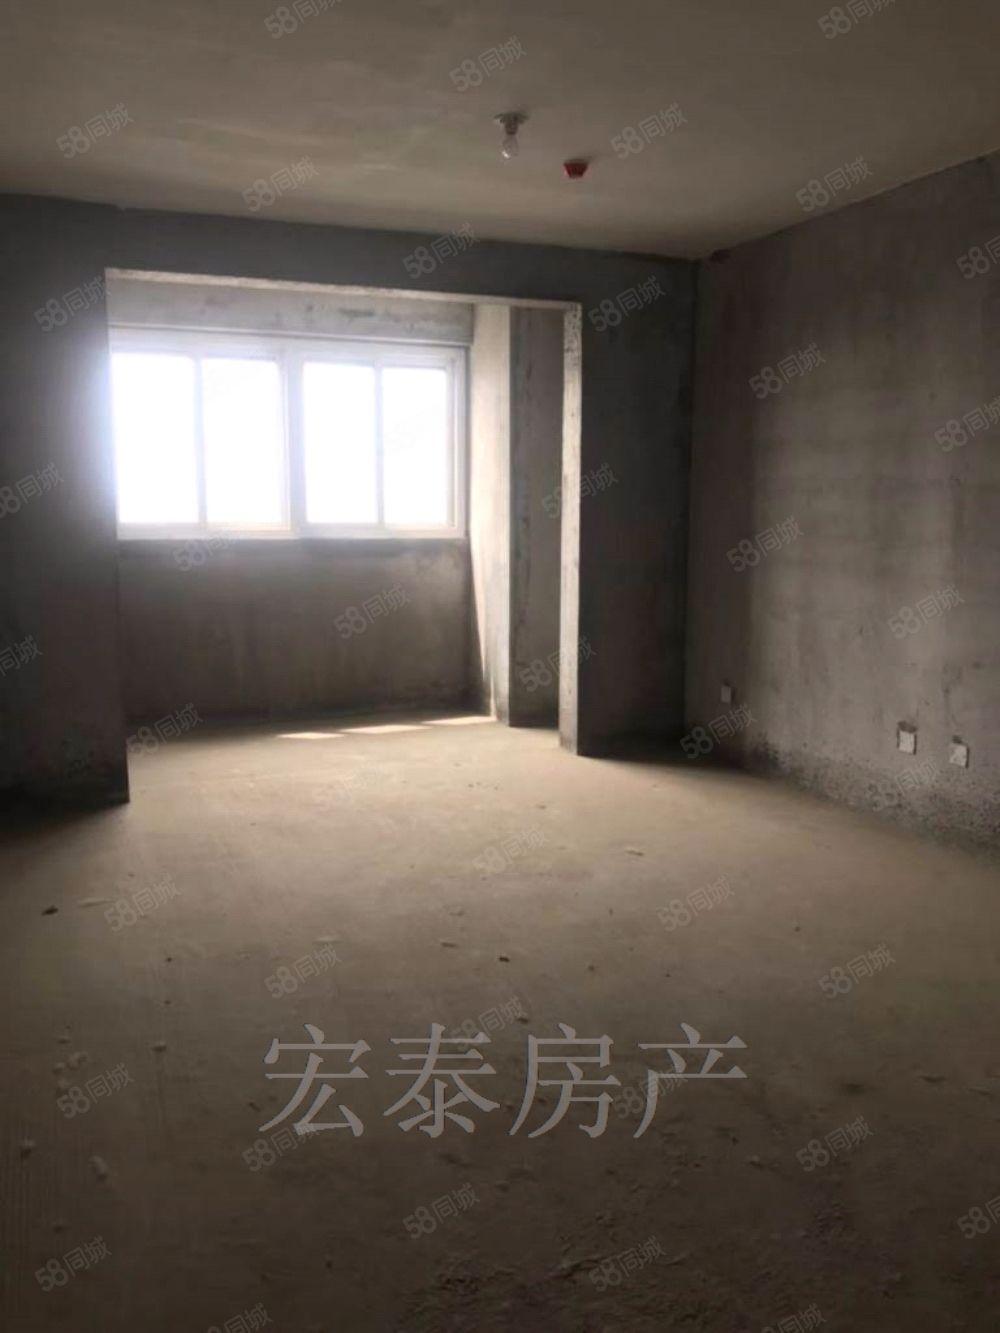 新漢城,毛坯3室2廳120平,64萬地理位置好